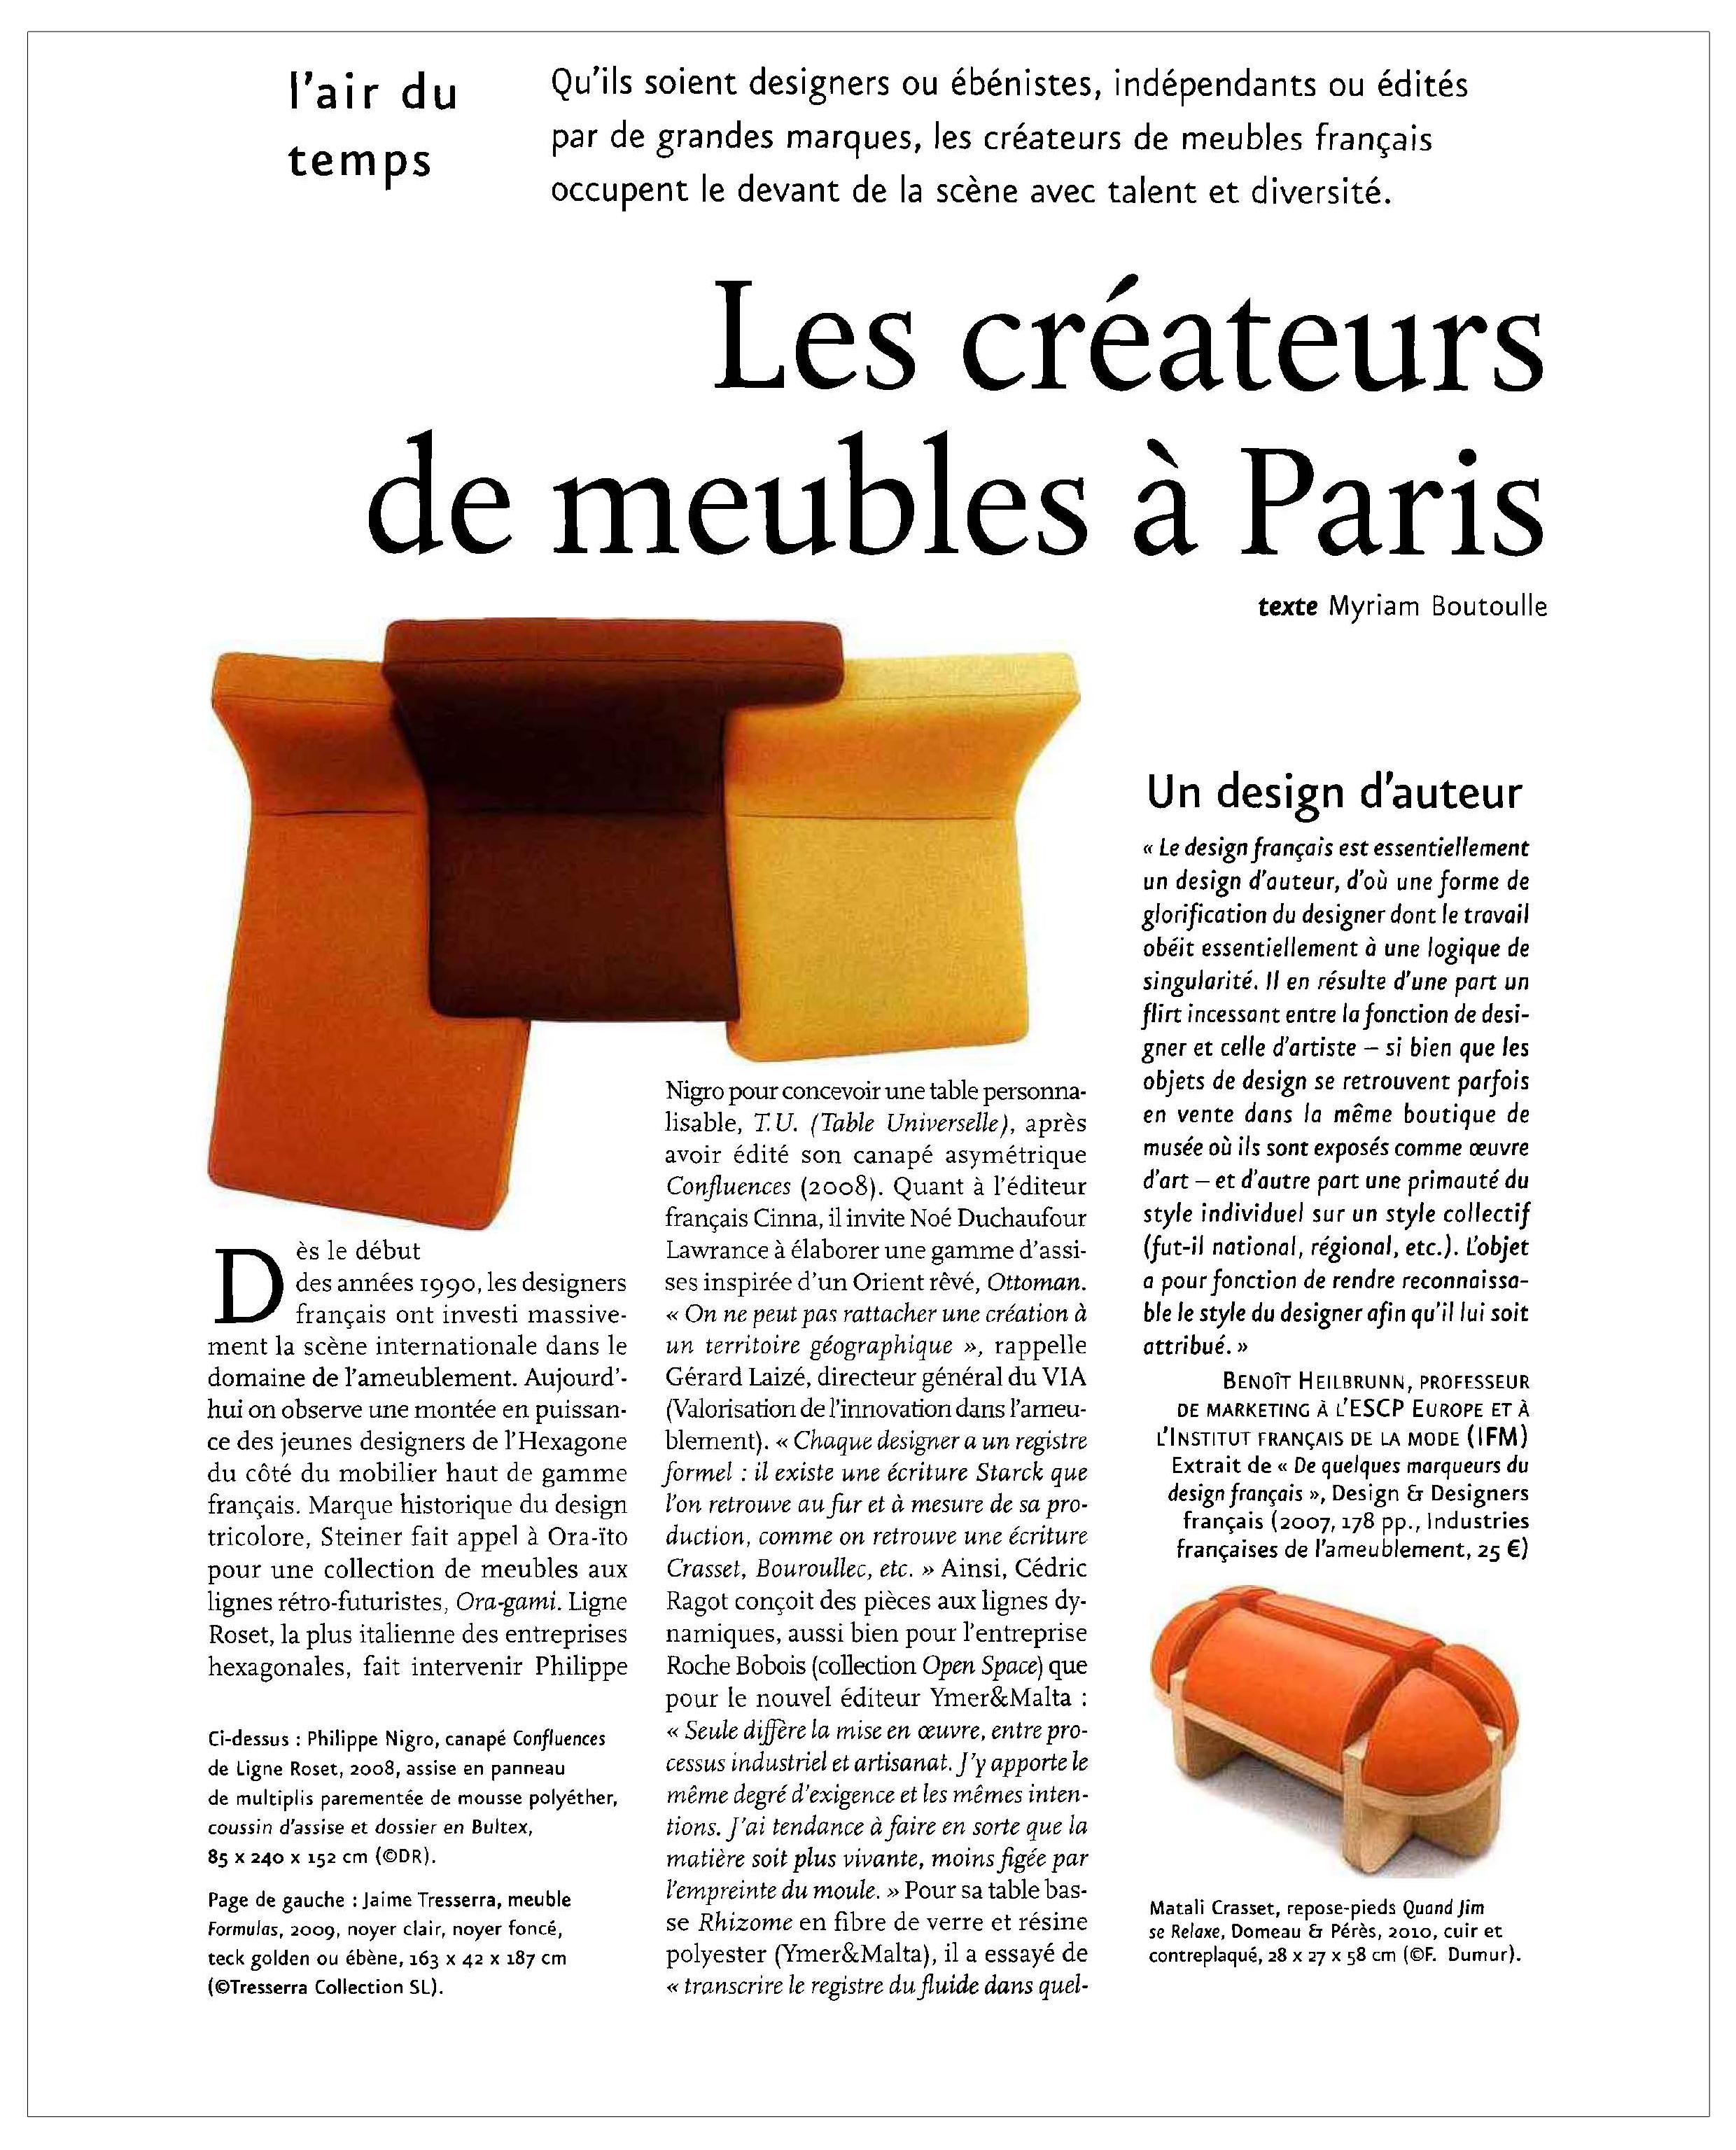 Ludovic AVENEL : ébéniste créateur - Ludovic_Avenel_press_connaissance_des_arts_ebeniste_créateur_design_sur mesure_3